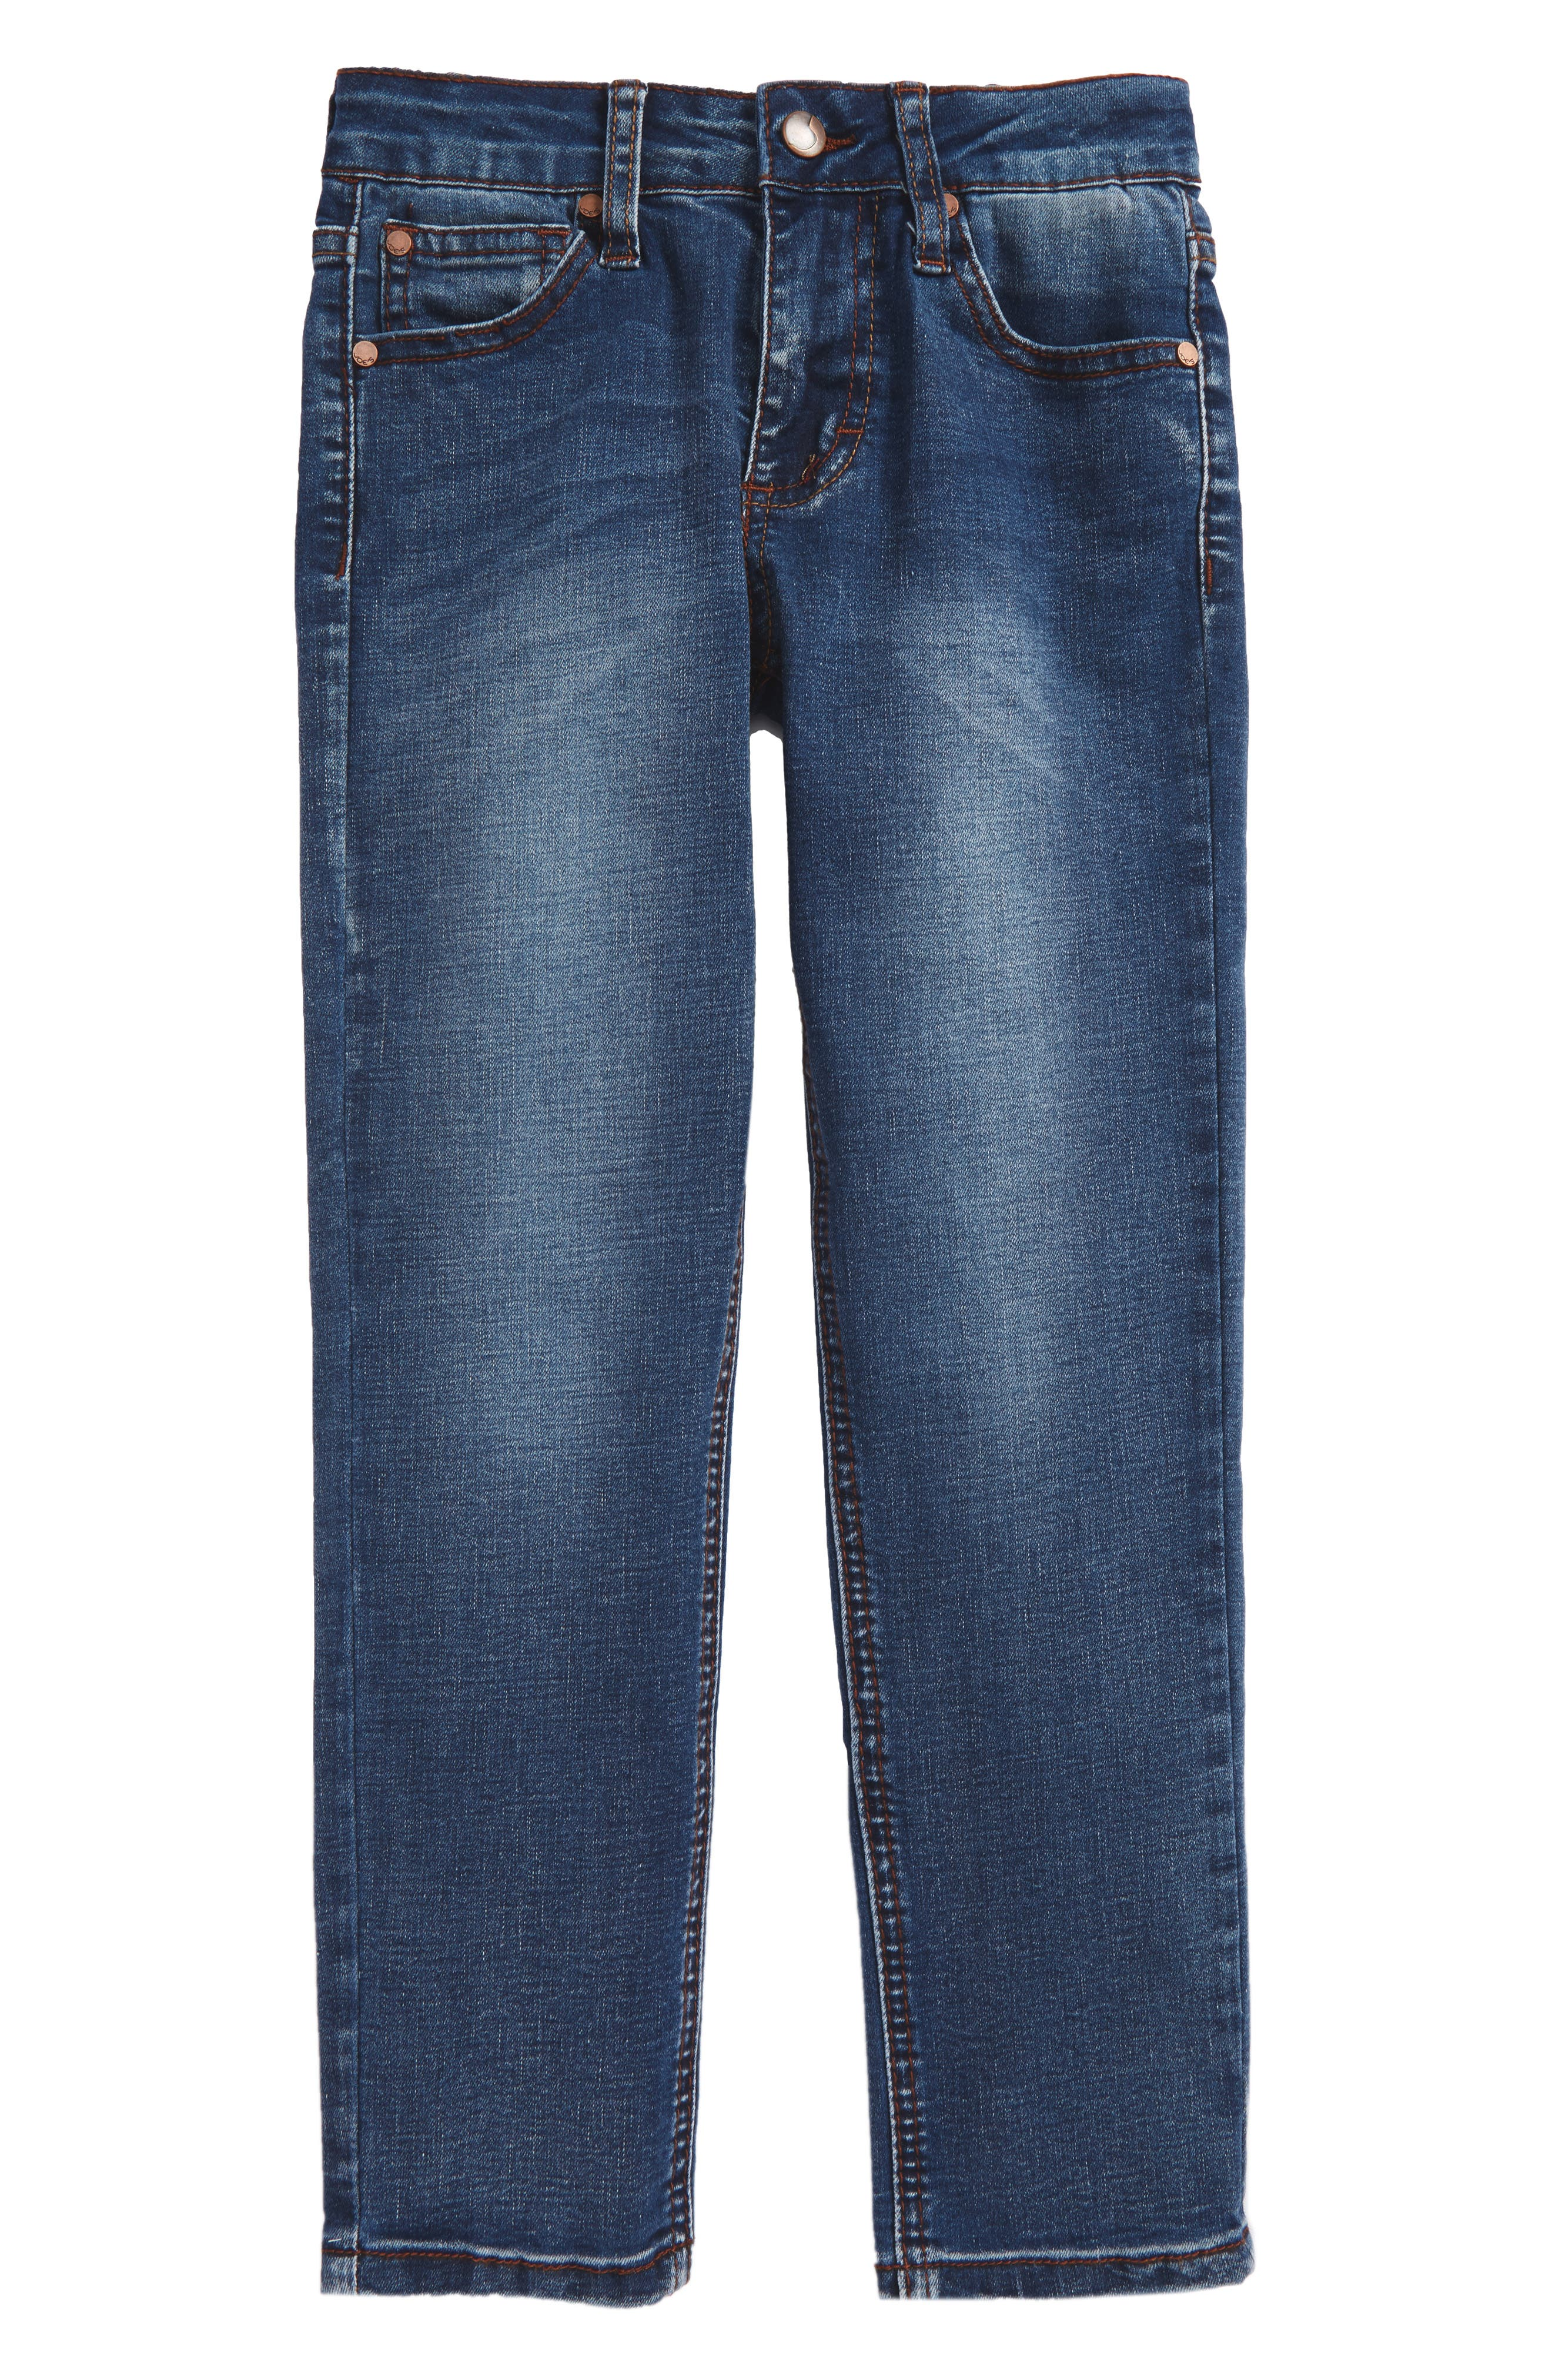 Brixton Slim Fit Stretch Jeans,                         Main,                         color, Cielo